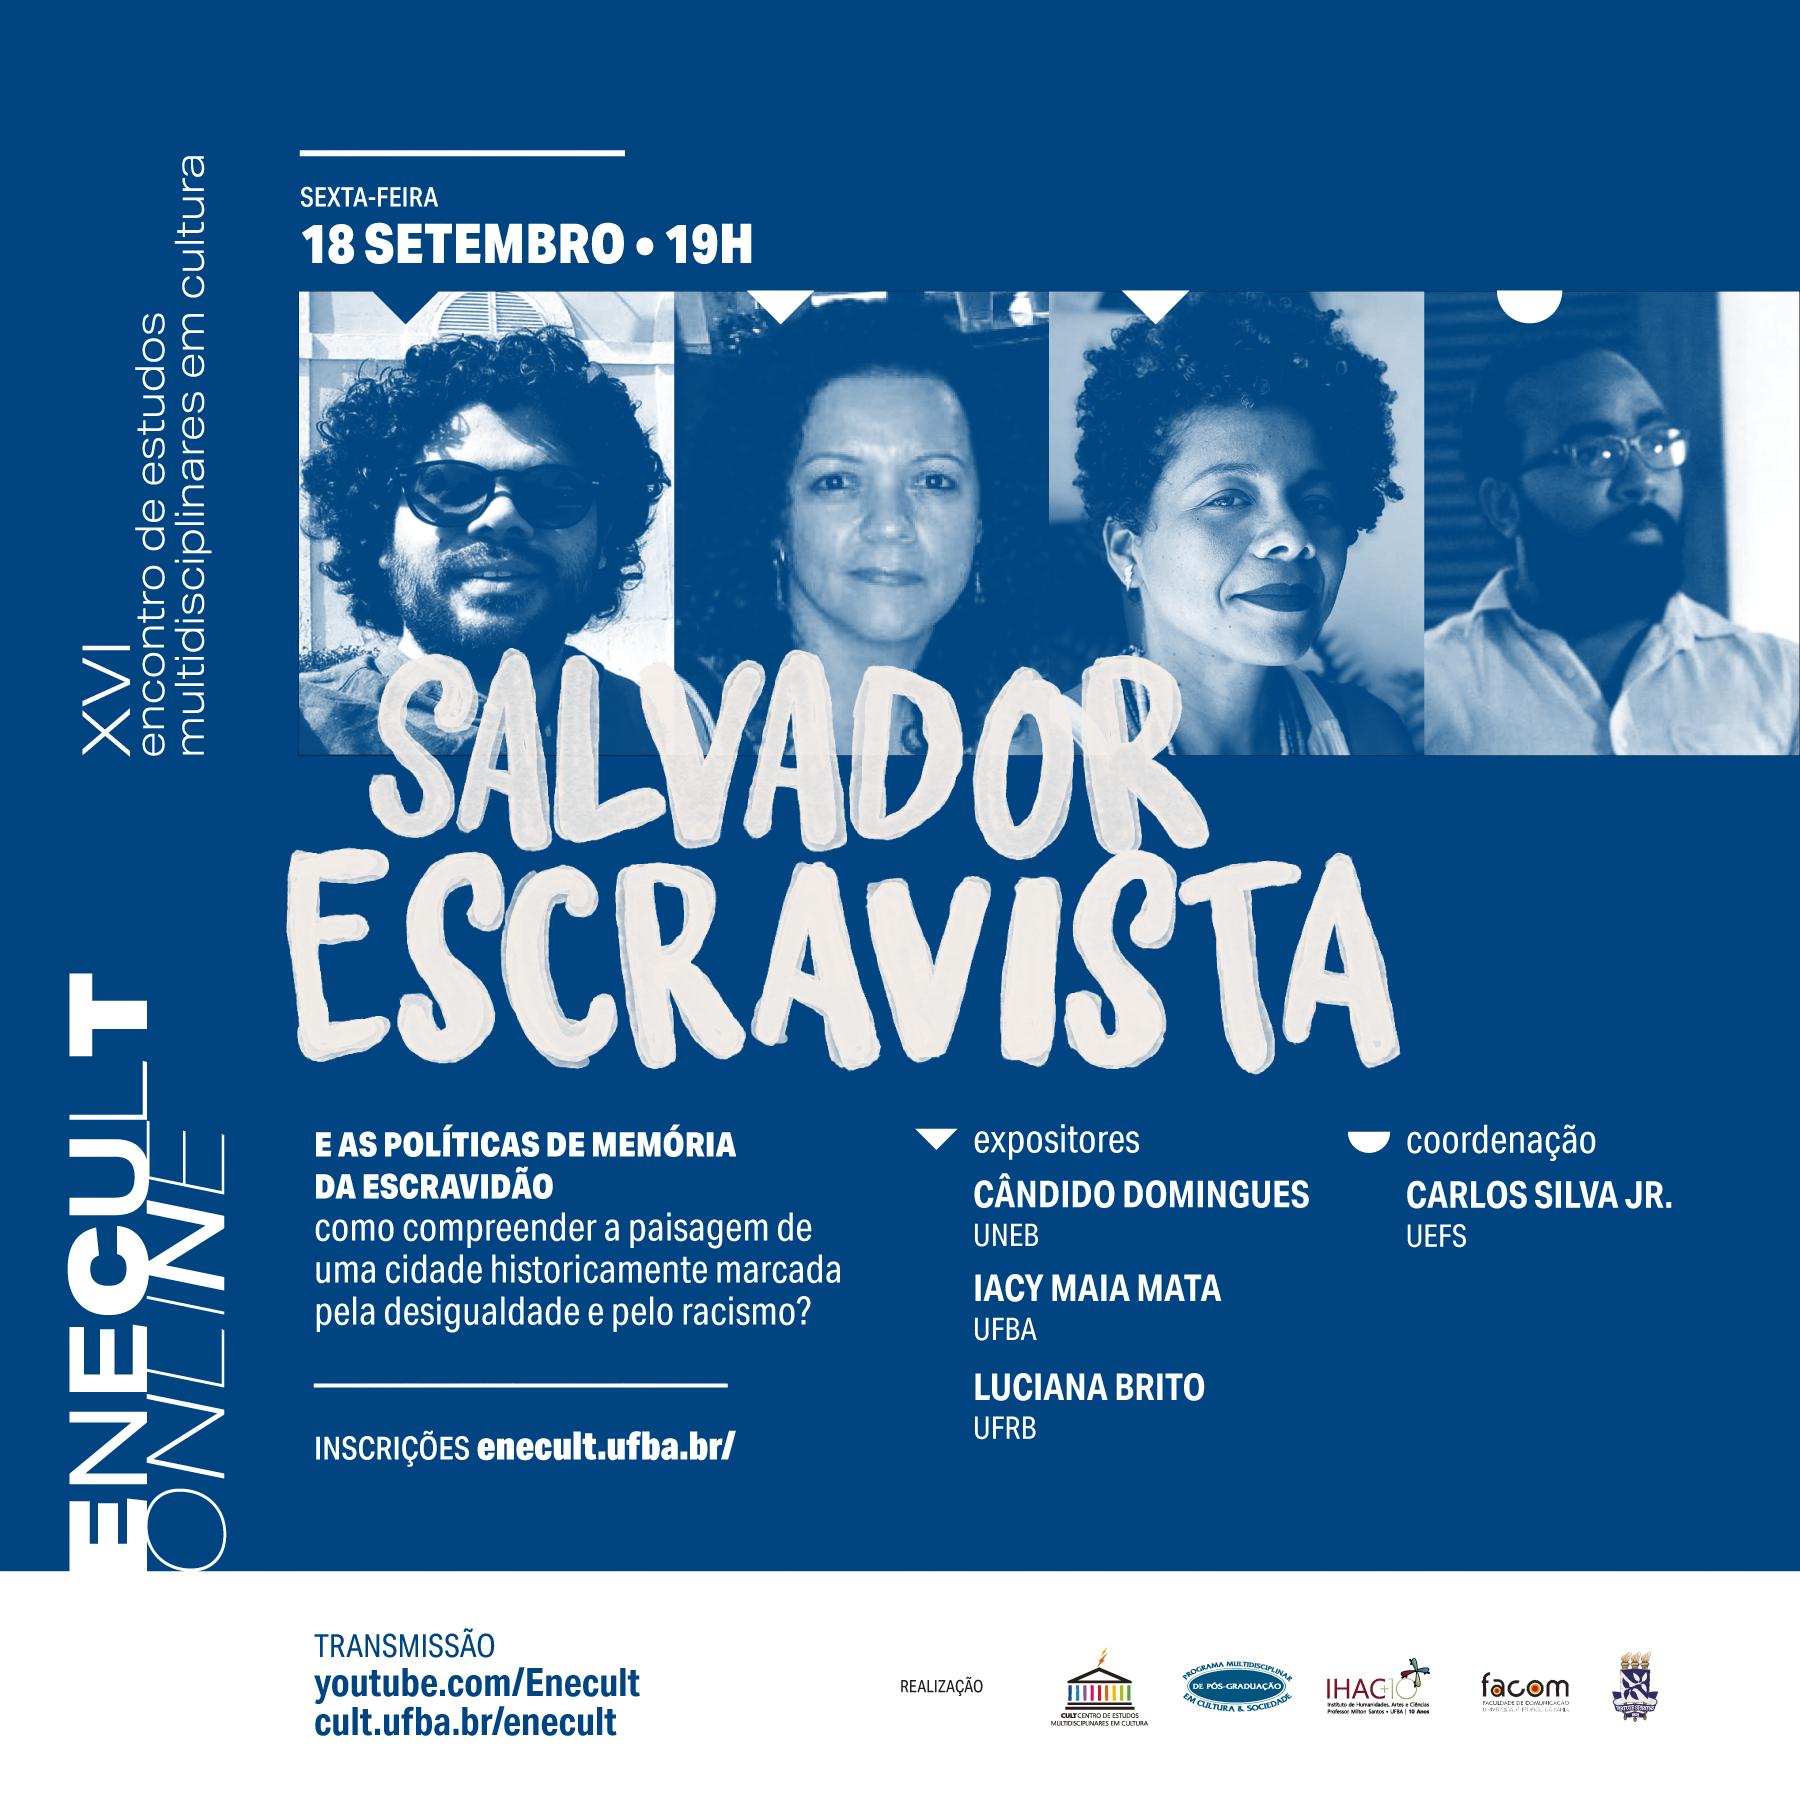 Salvador Escravista e as políticas de memória da escravidão